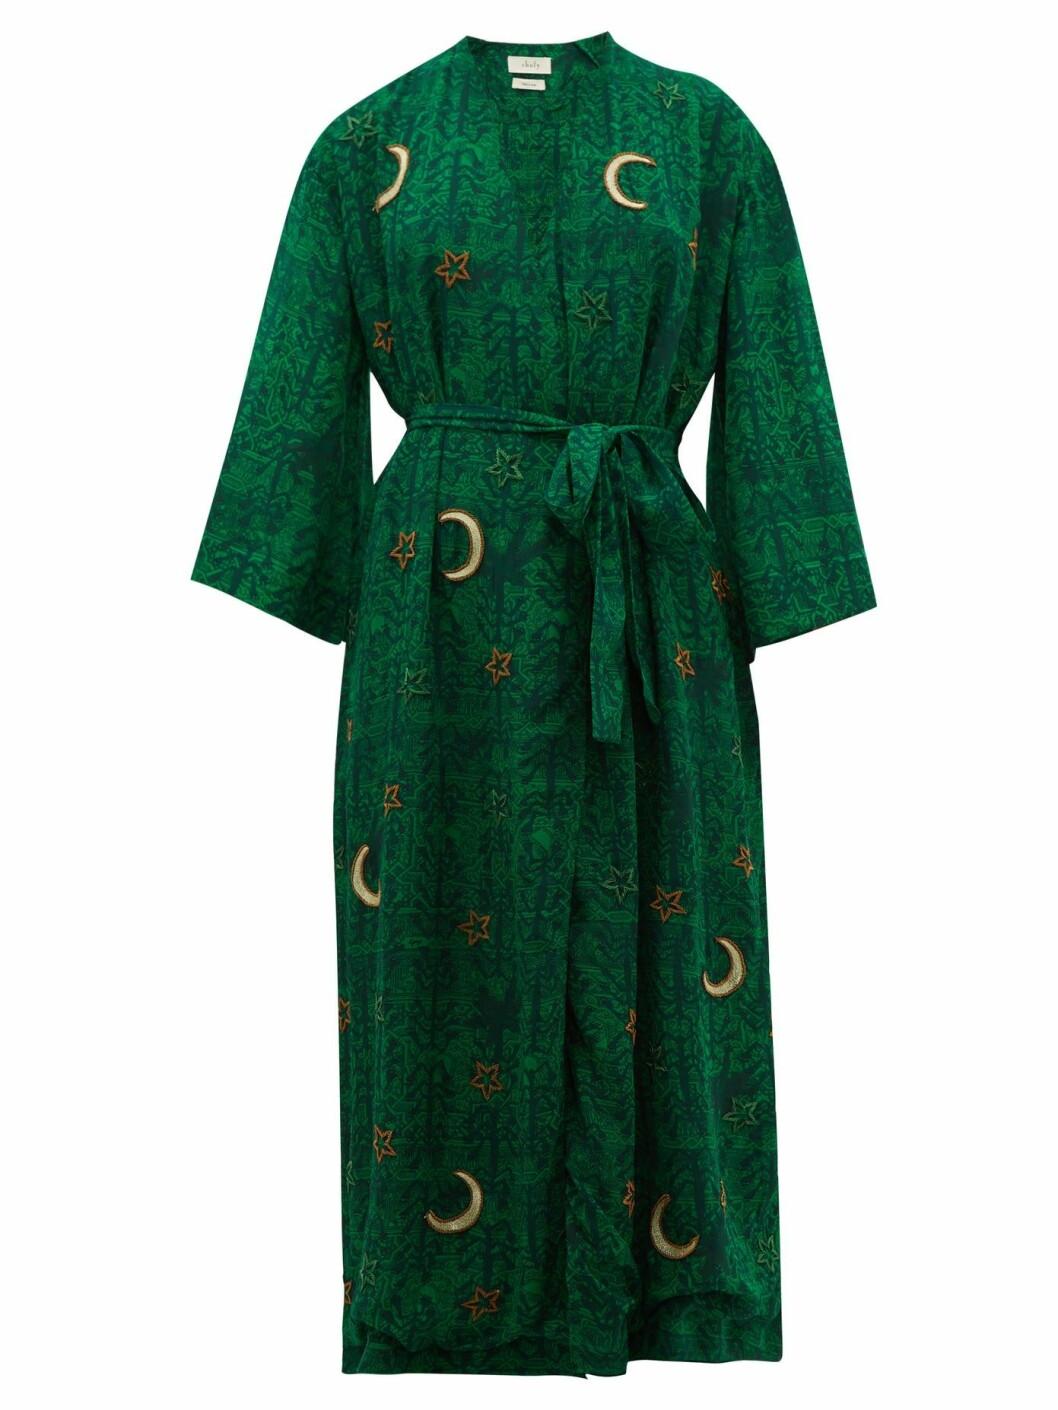 Mörkgrön elegant kaftan/morgonrock med astroinspirerade motiv av stjärnor och månar.